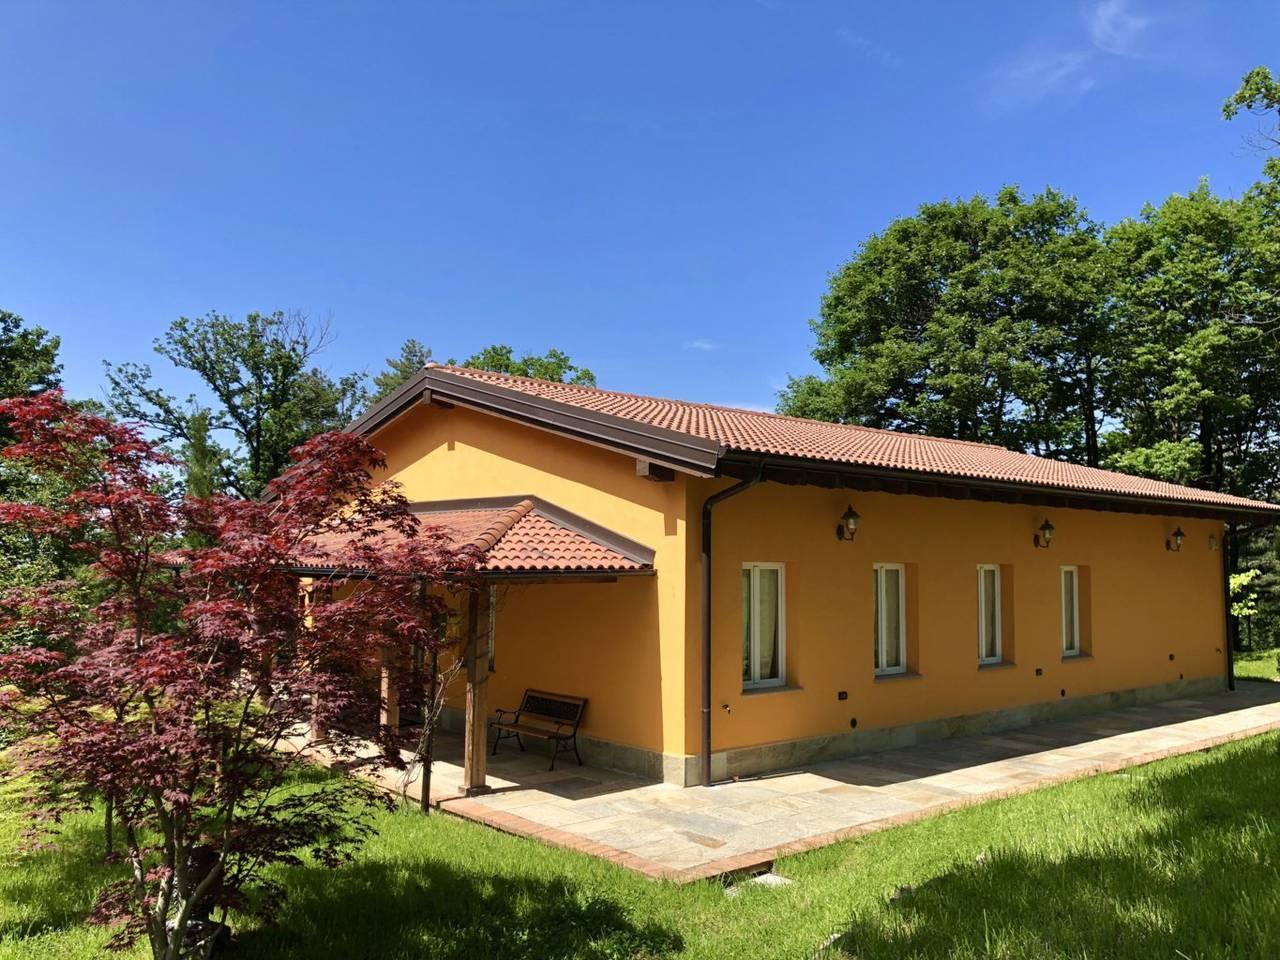 Villa-con-parco-in-vendita-a-Ovada-33